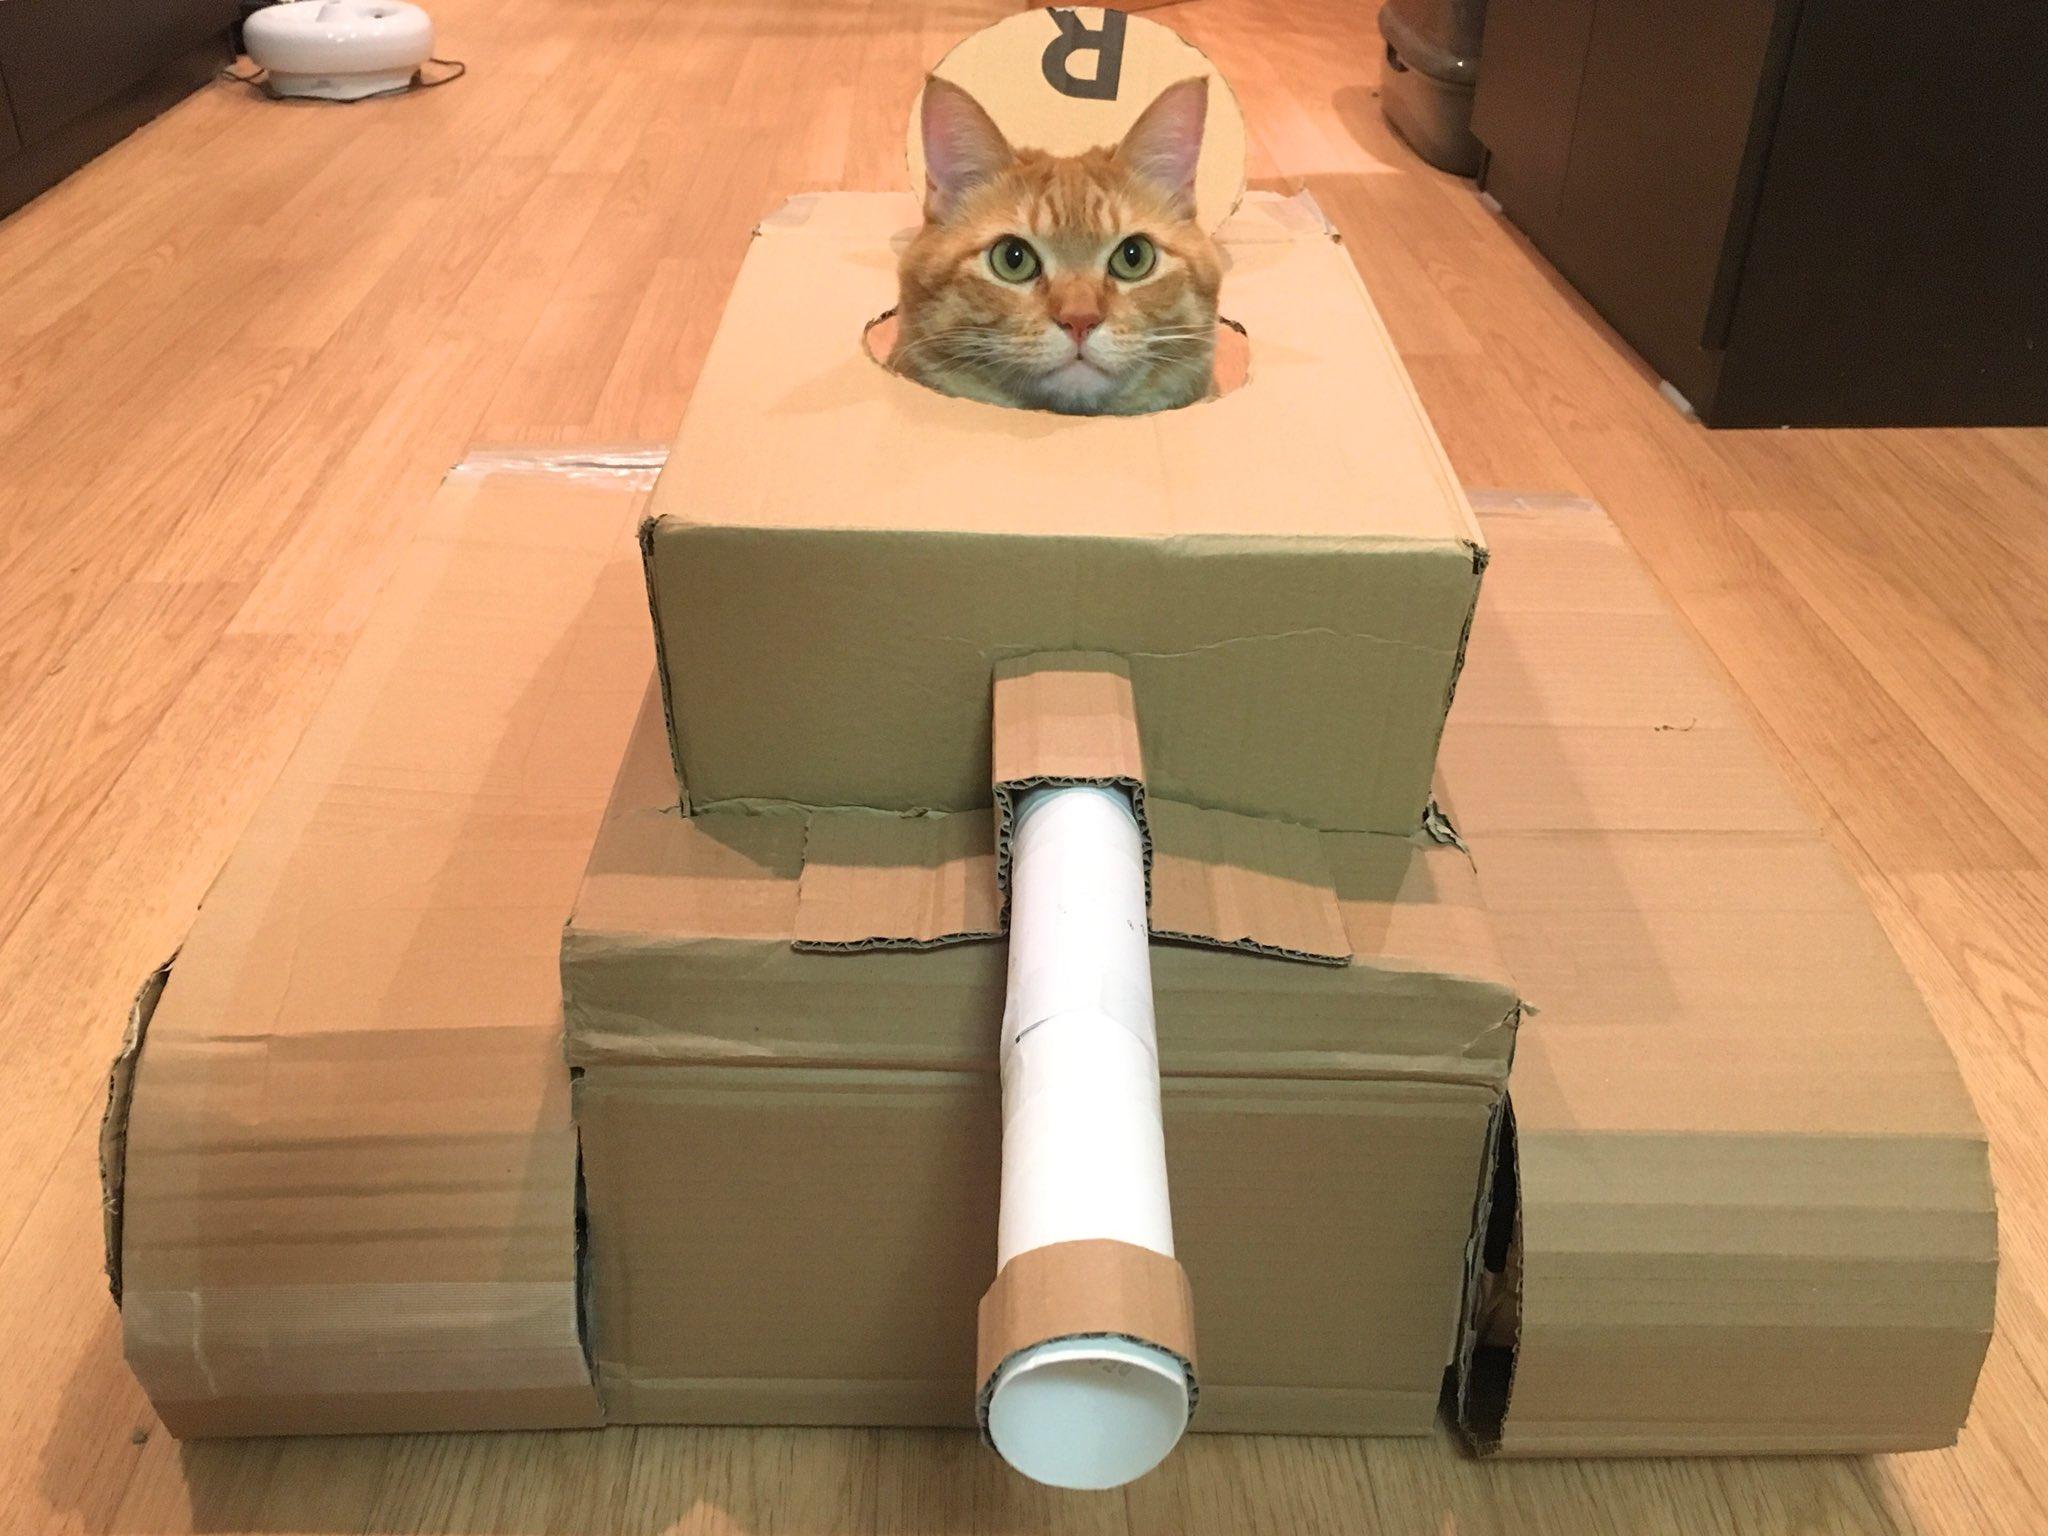 急に段ボールで作り始めたと思ったら??ネコ戦車の完成!ww